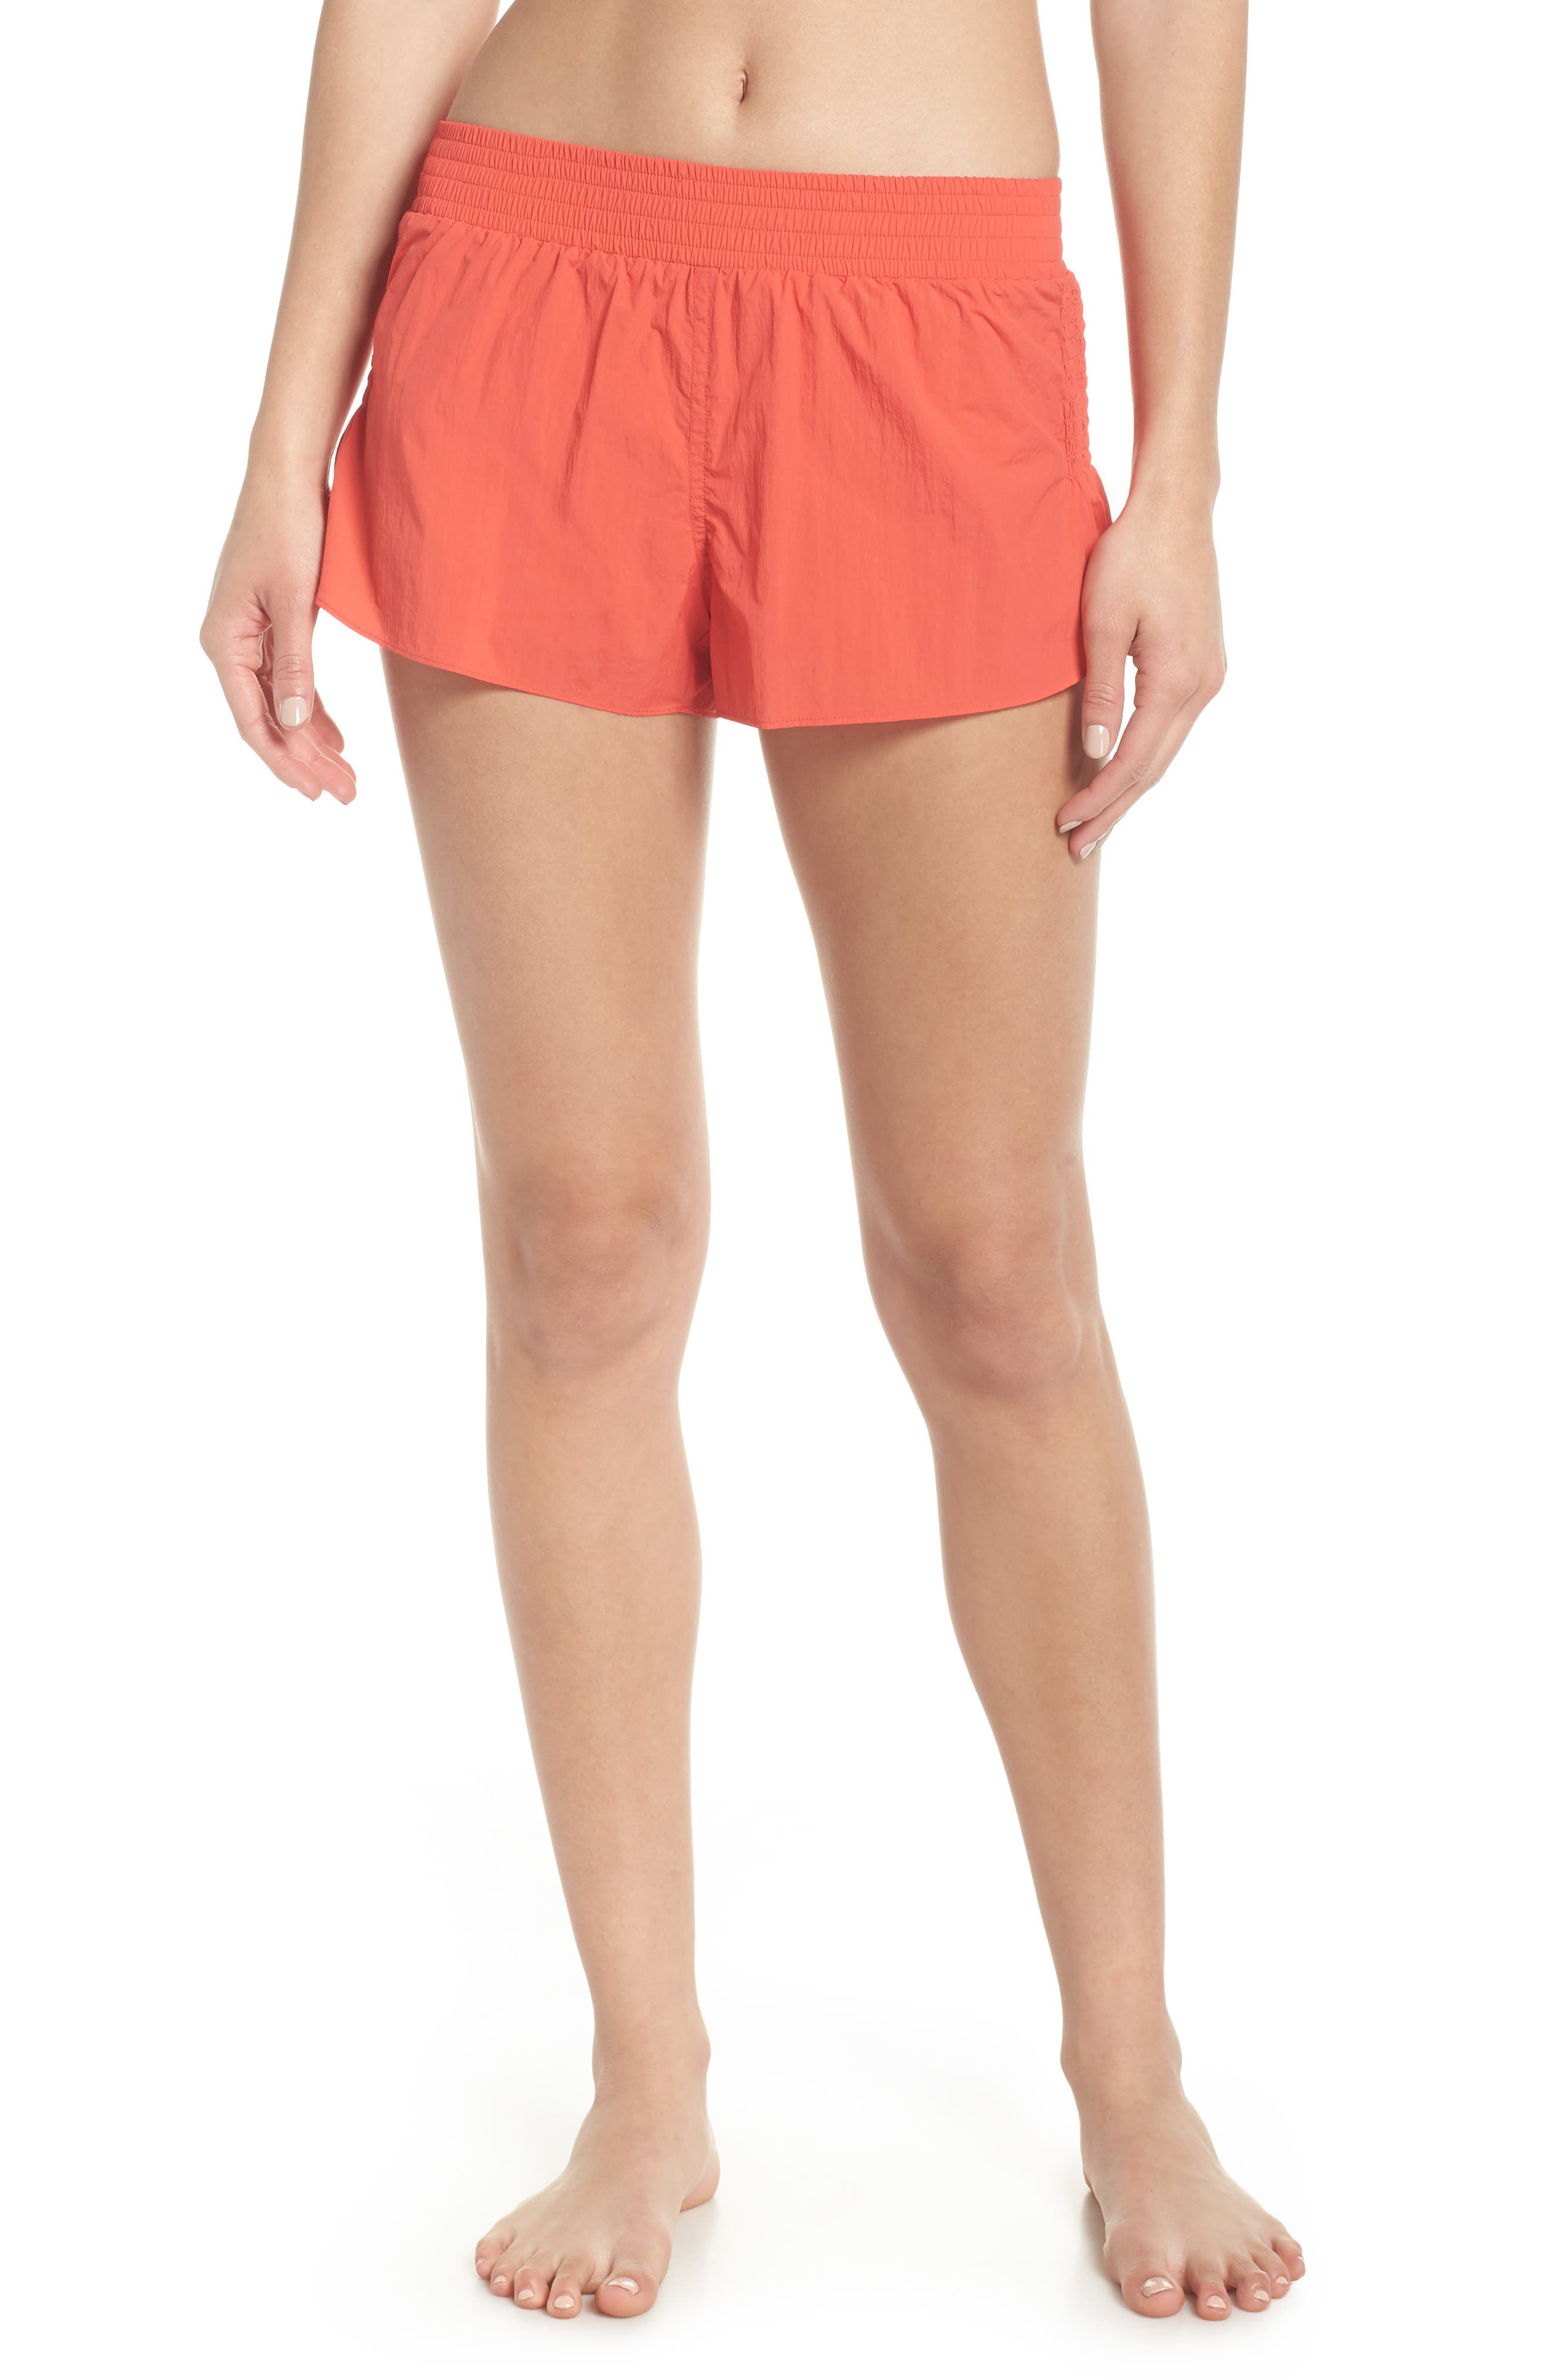 Fuji Shorts,                             Main thumbnail 1, color,                             Coral